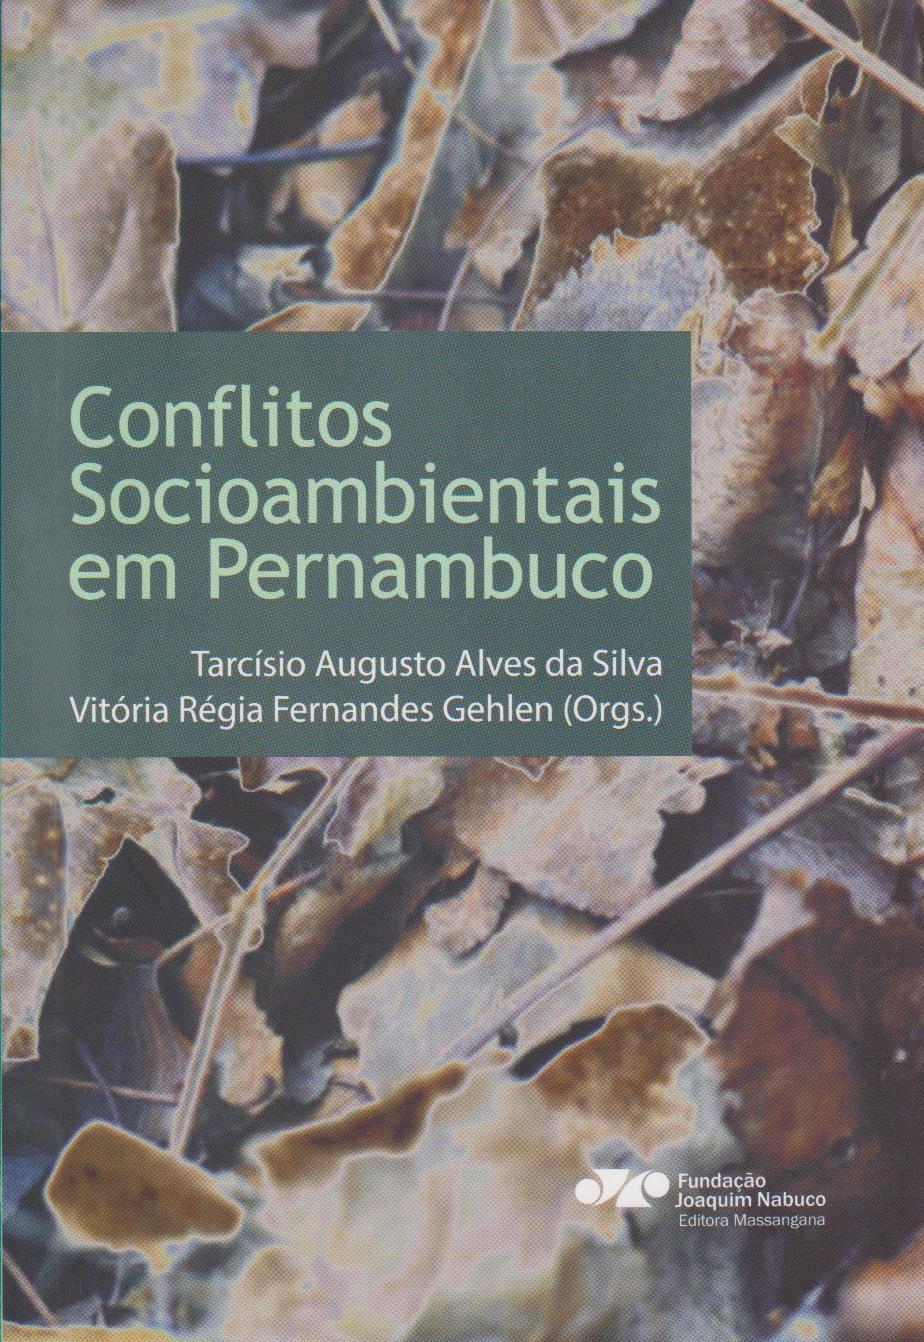 Conflitos socioambientais em Pernambuco, livro de Tarcísio Augusto Alves da Silv, Vitória Régia Fernandes Gehlen (orgs.)